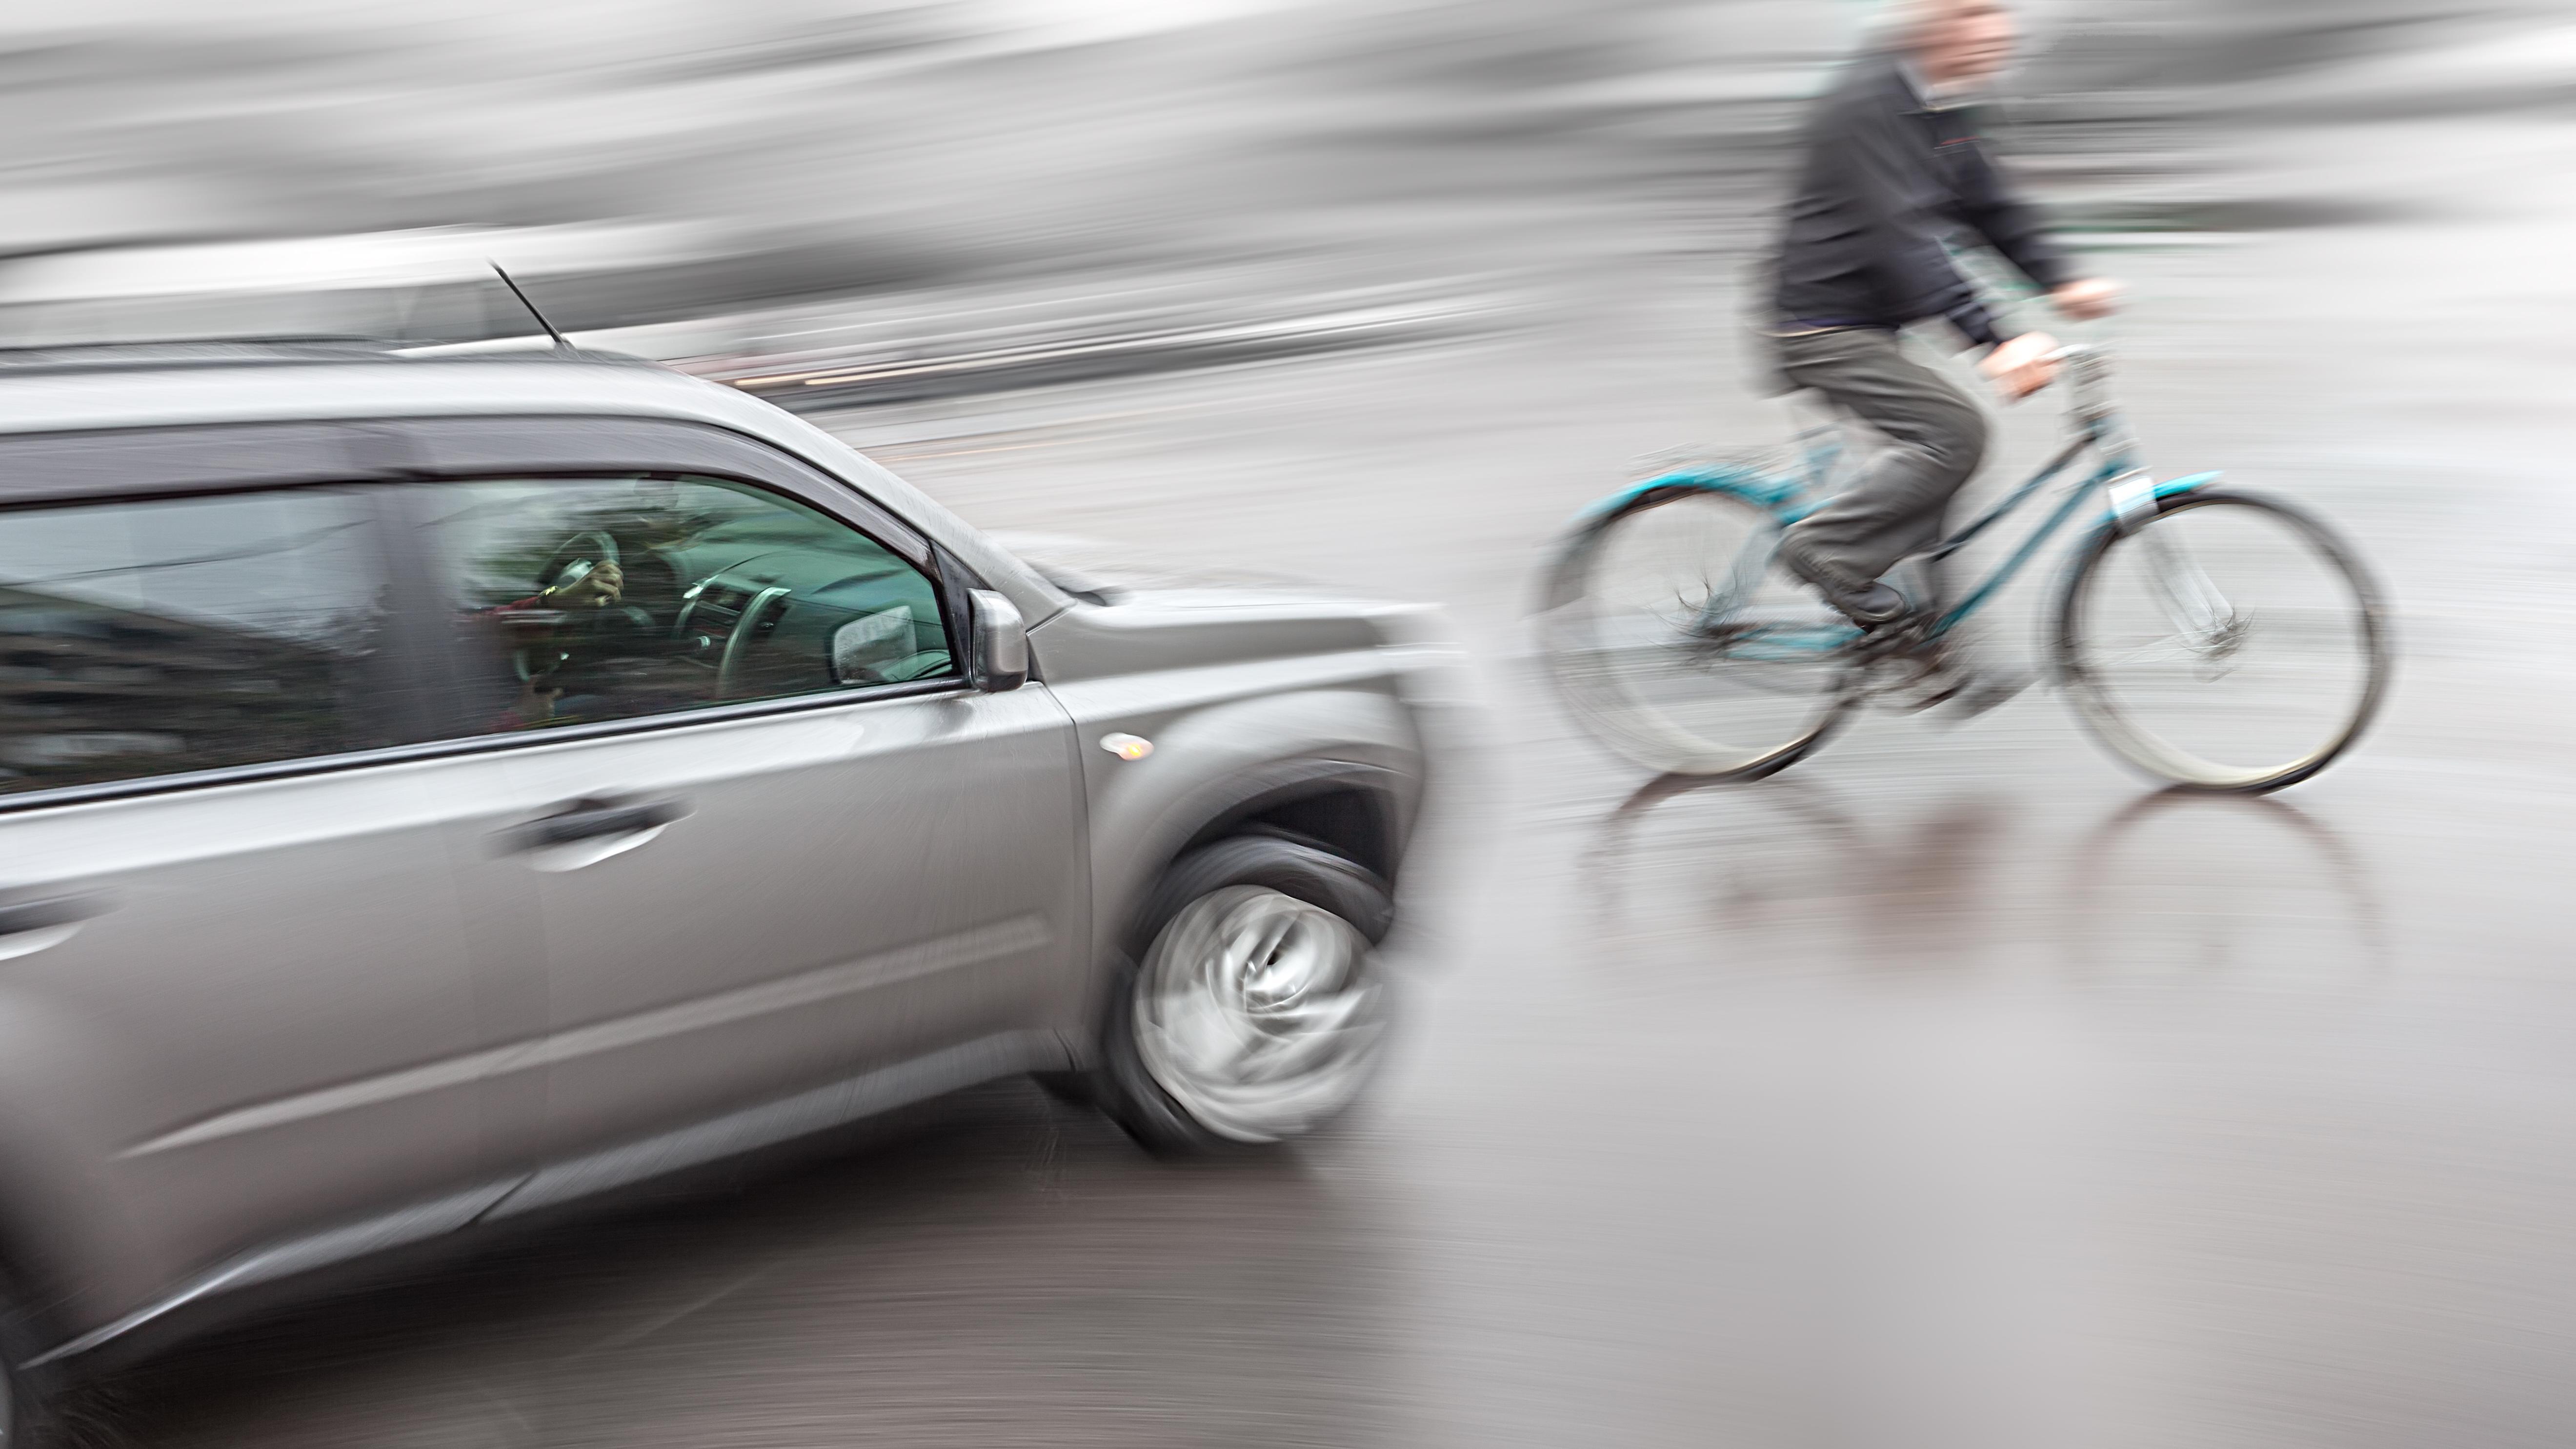 unscharf fotografiertes Auto, das auf einen Fahrradfahrer zufährt